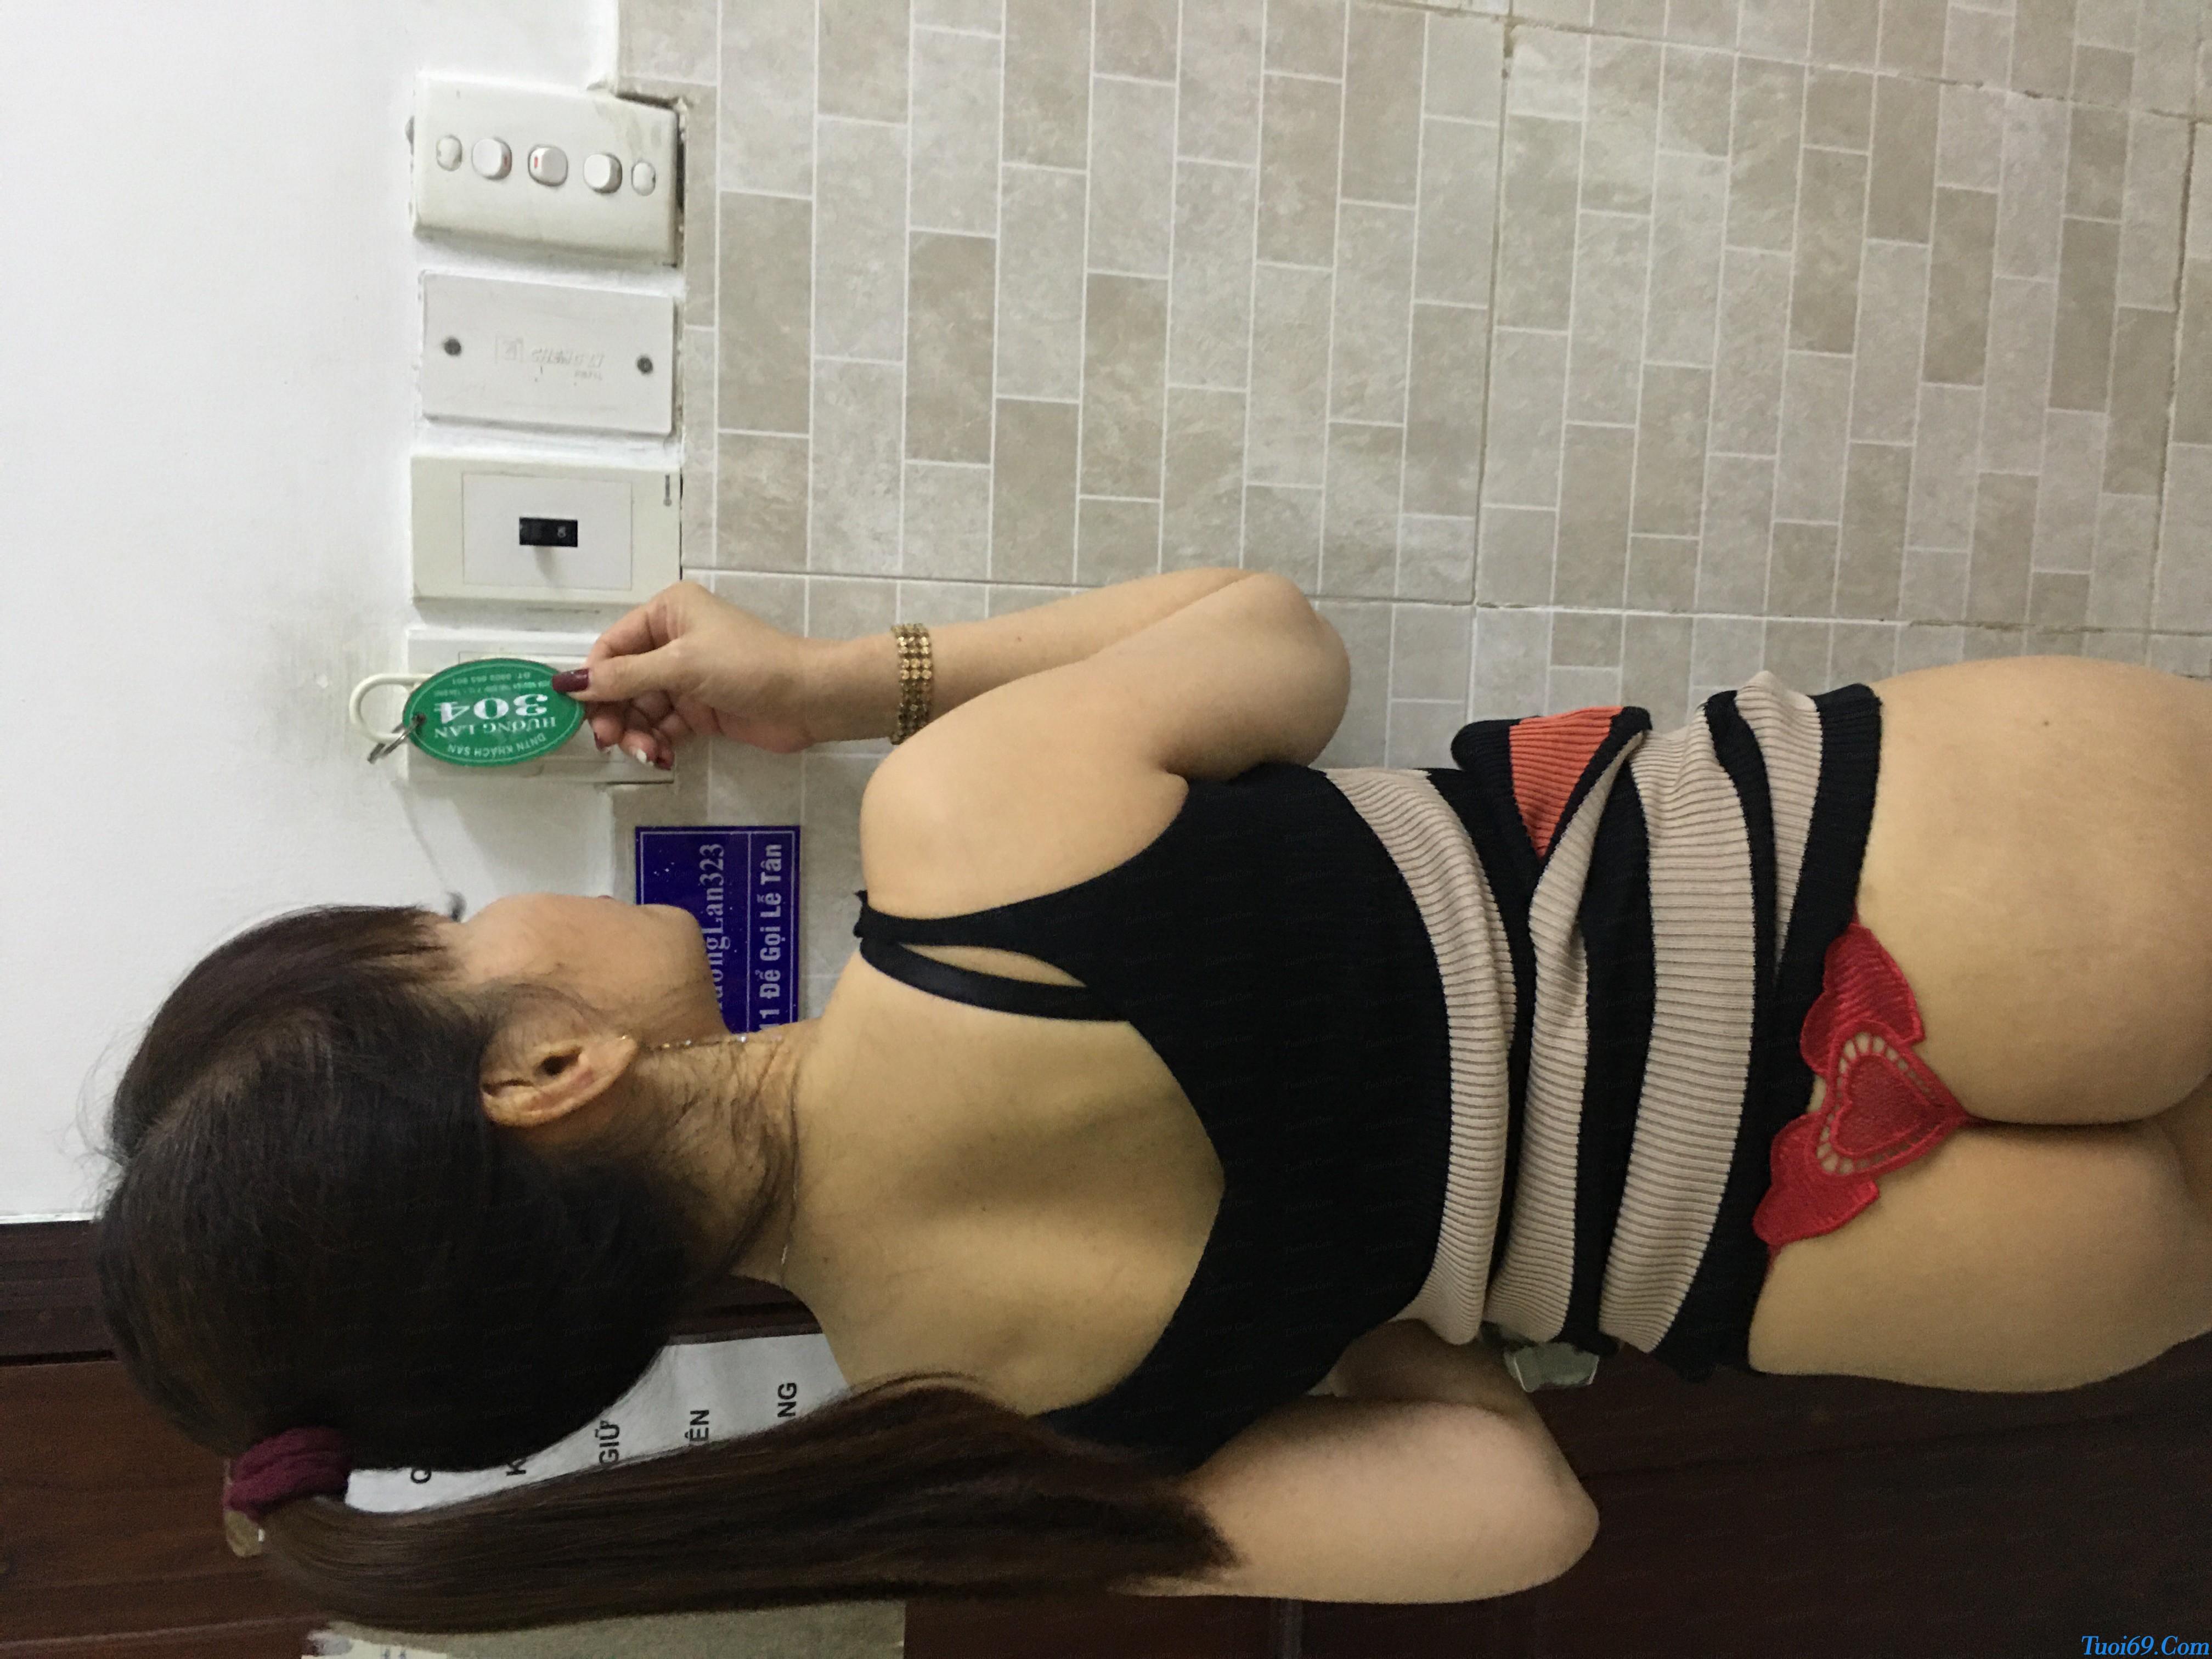 tuoi69net-review-em-gai-lan-huong-dam-nu-dang-yeu-chieu-khach-26